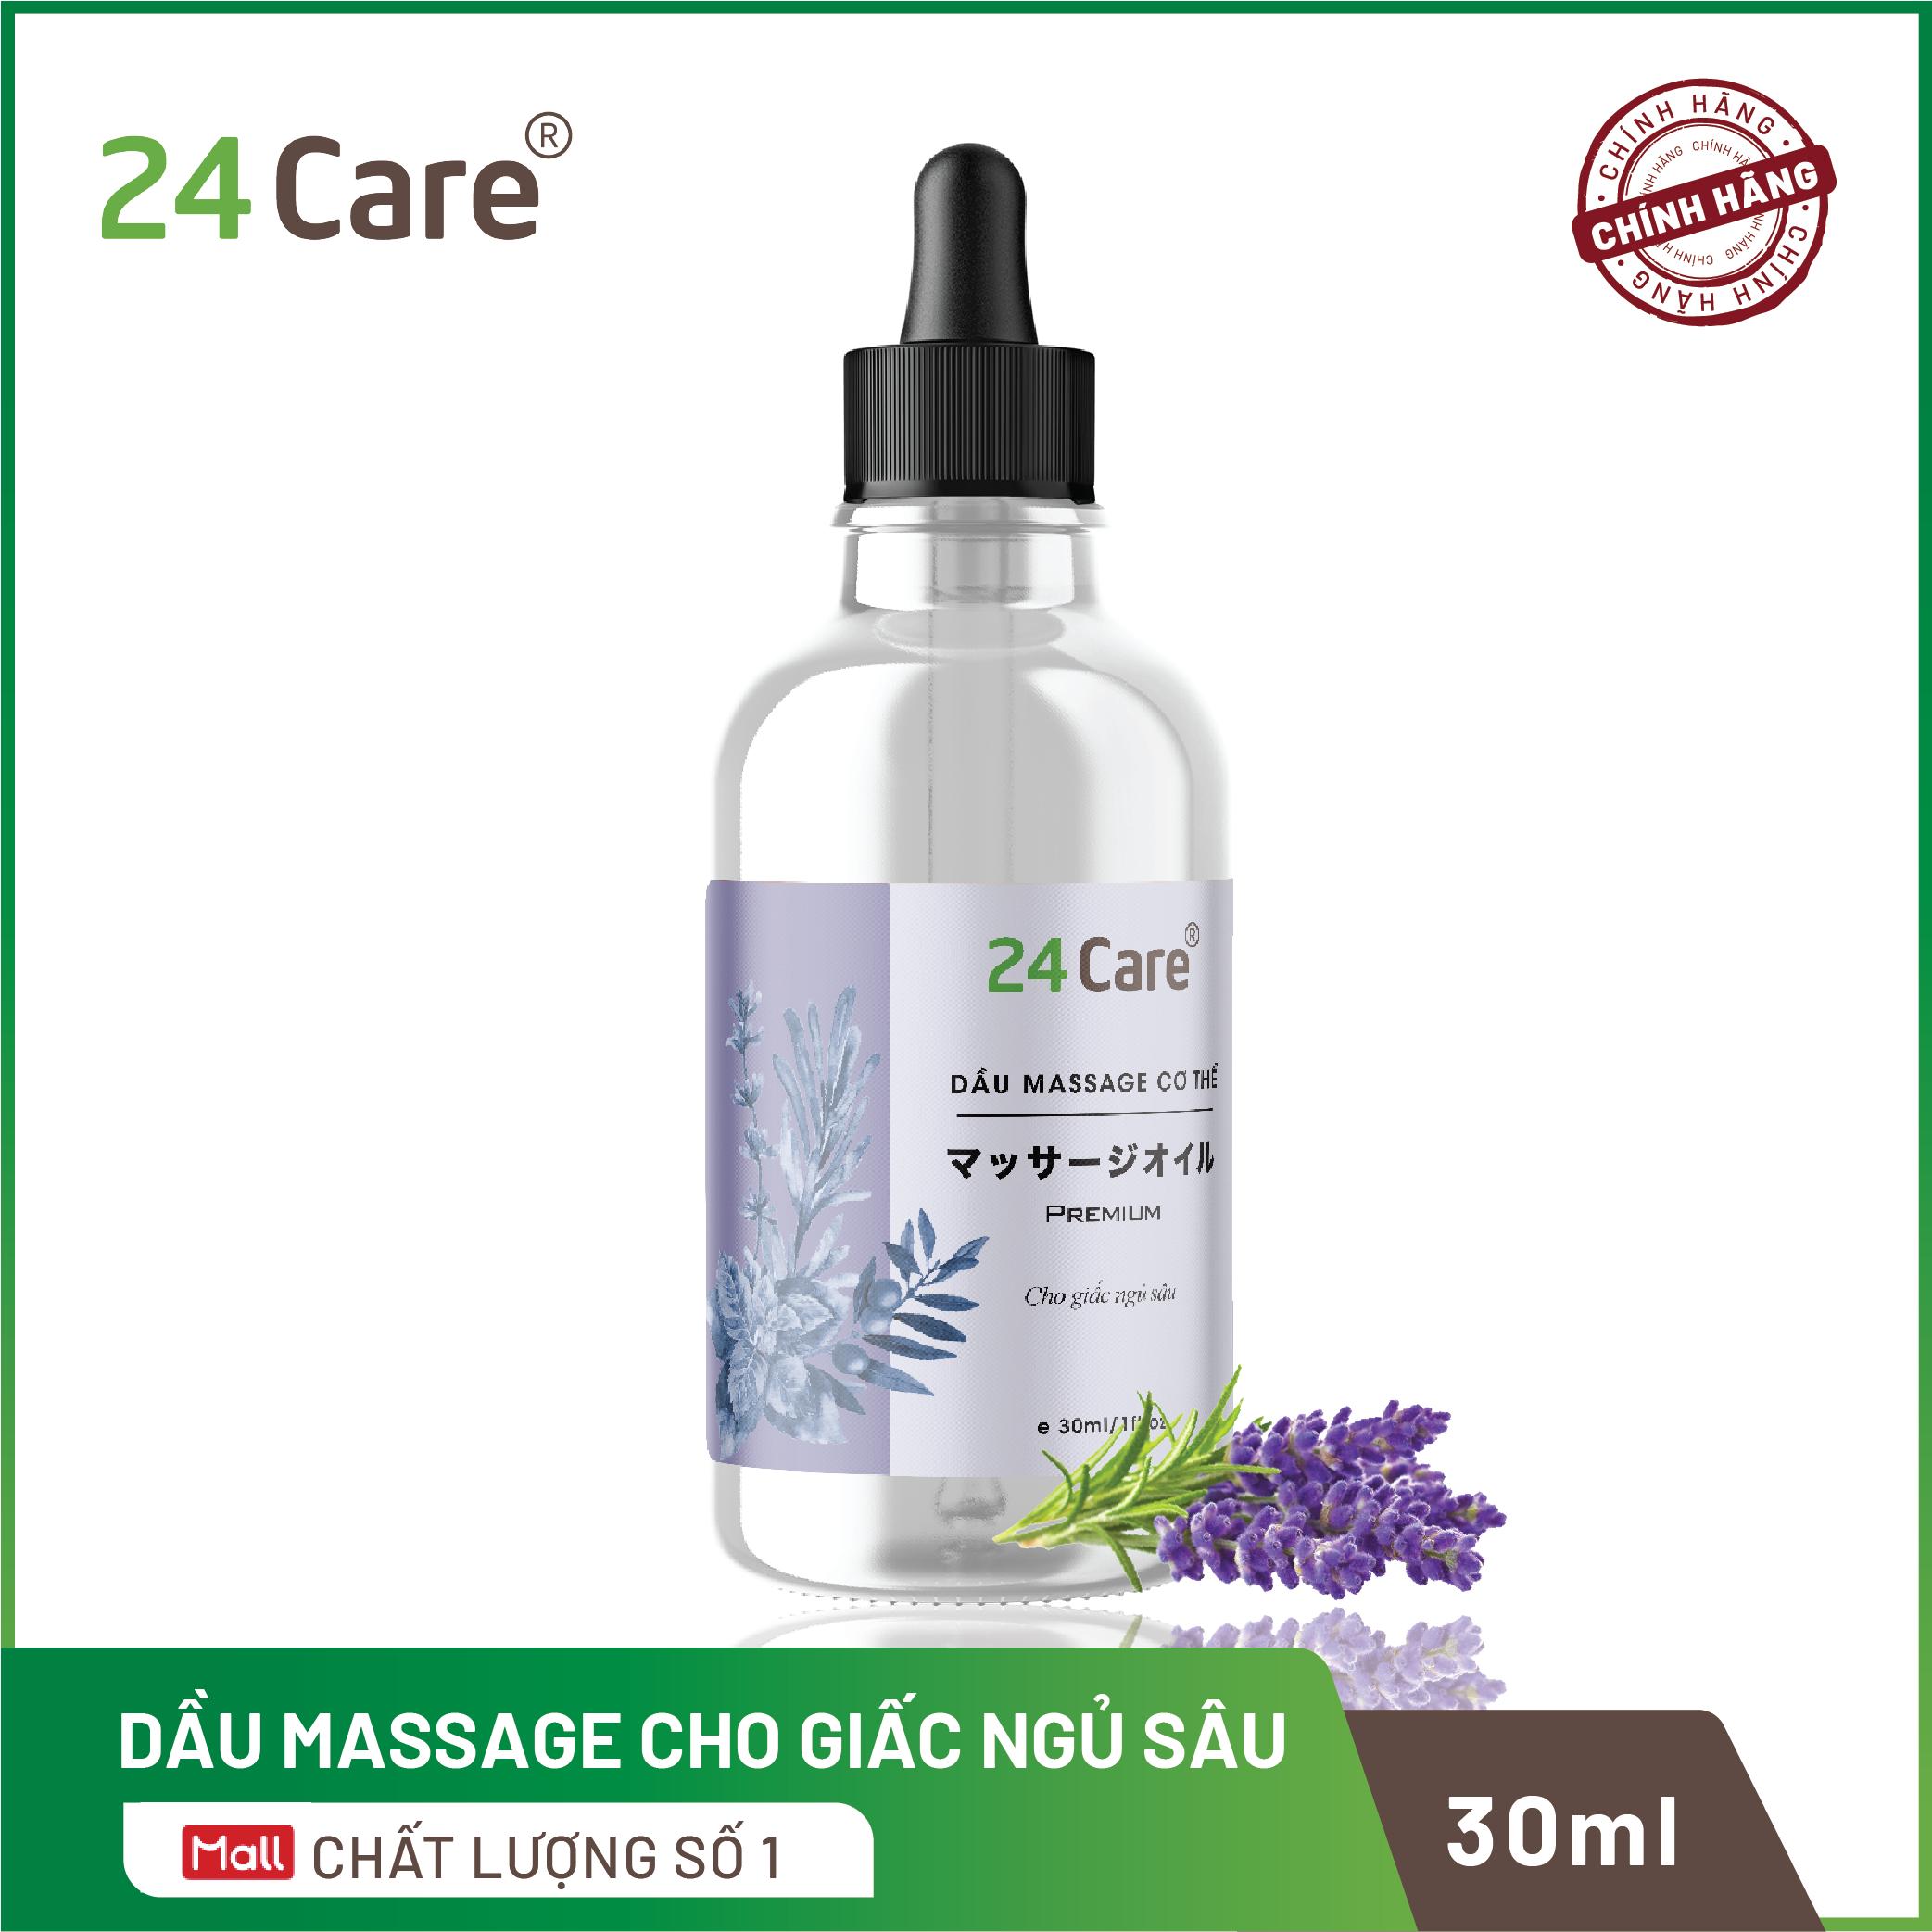 Dầu massage tinh dầu cho giấc ngủ ngon 24care – dành cho nam và nữ 30ml